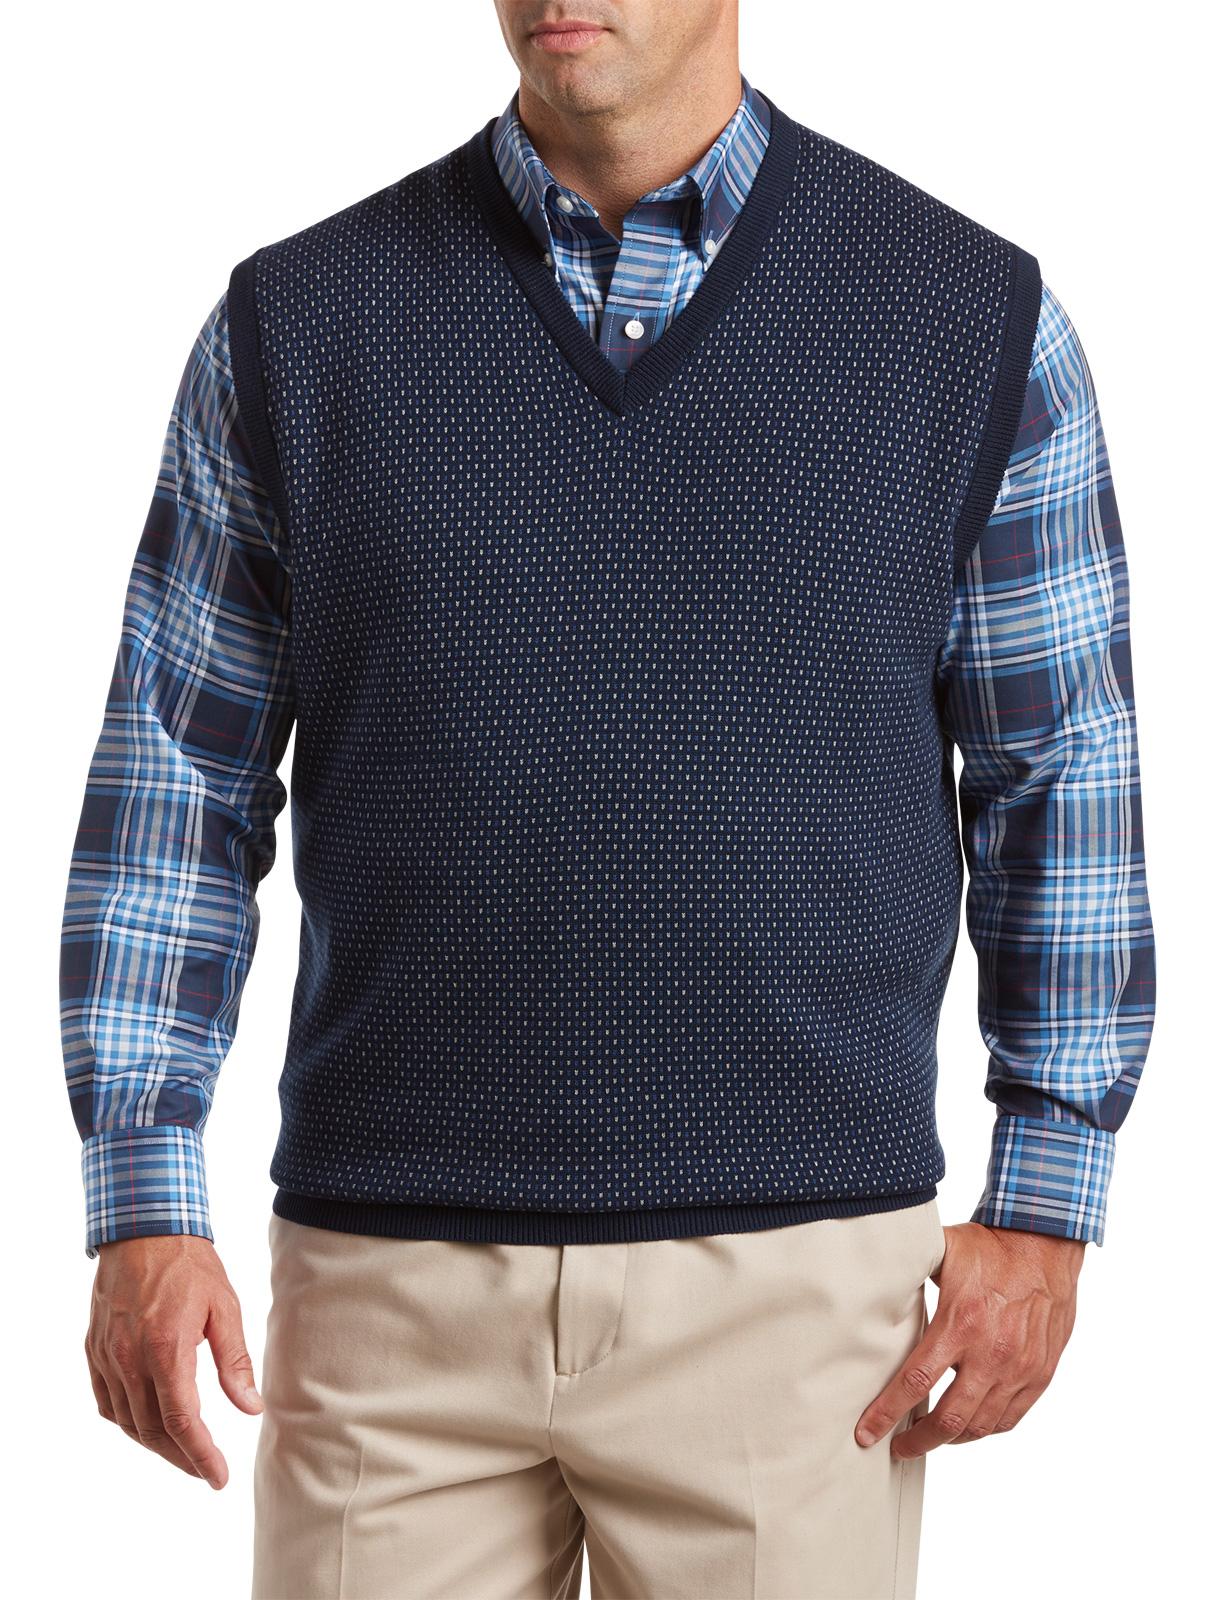 Oak Hill Men's Big and Tall Patterned V-Neck Vest